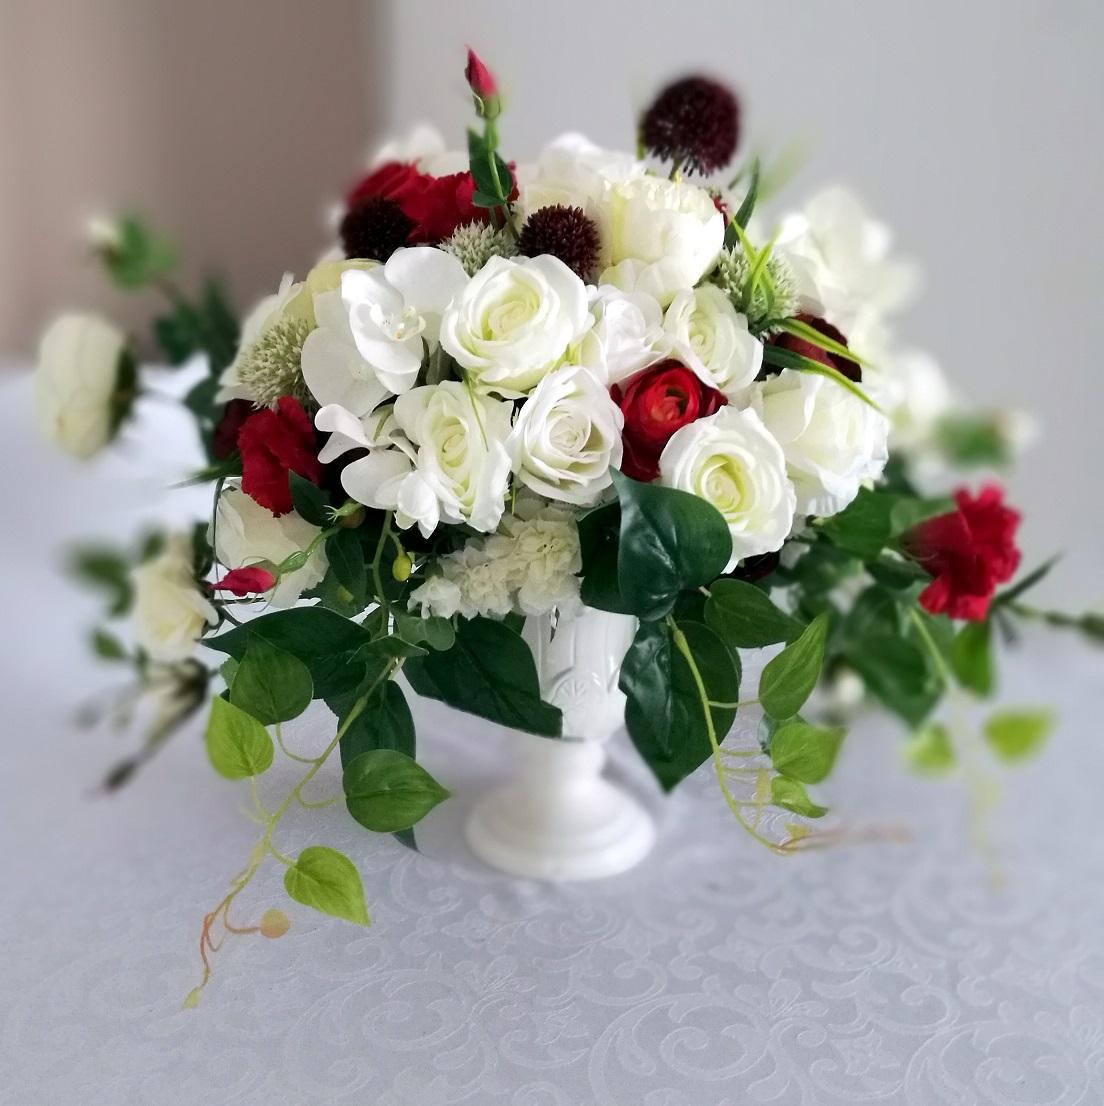 Kompozycja kwiatowa w białej wazie nr. 148